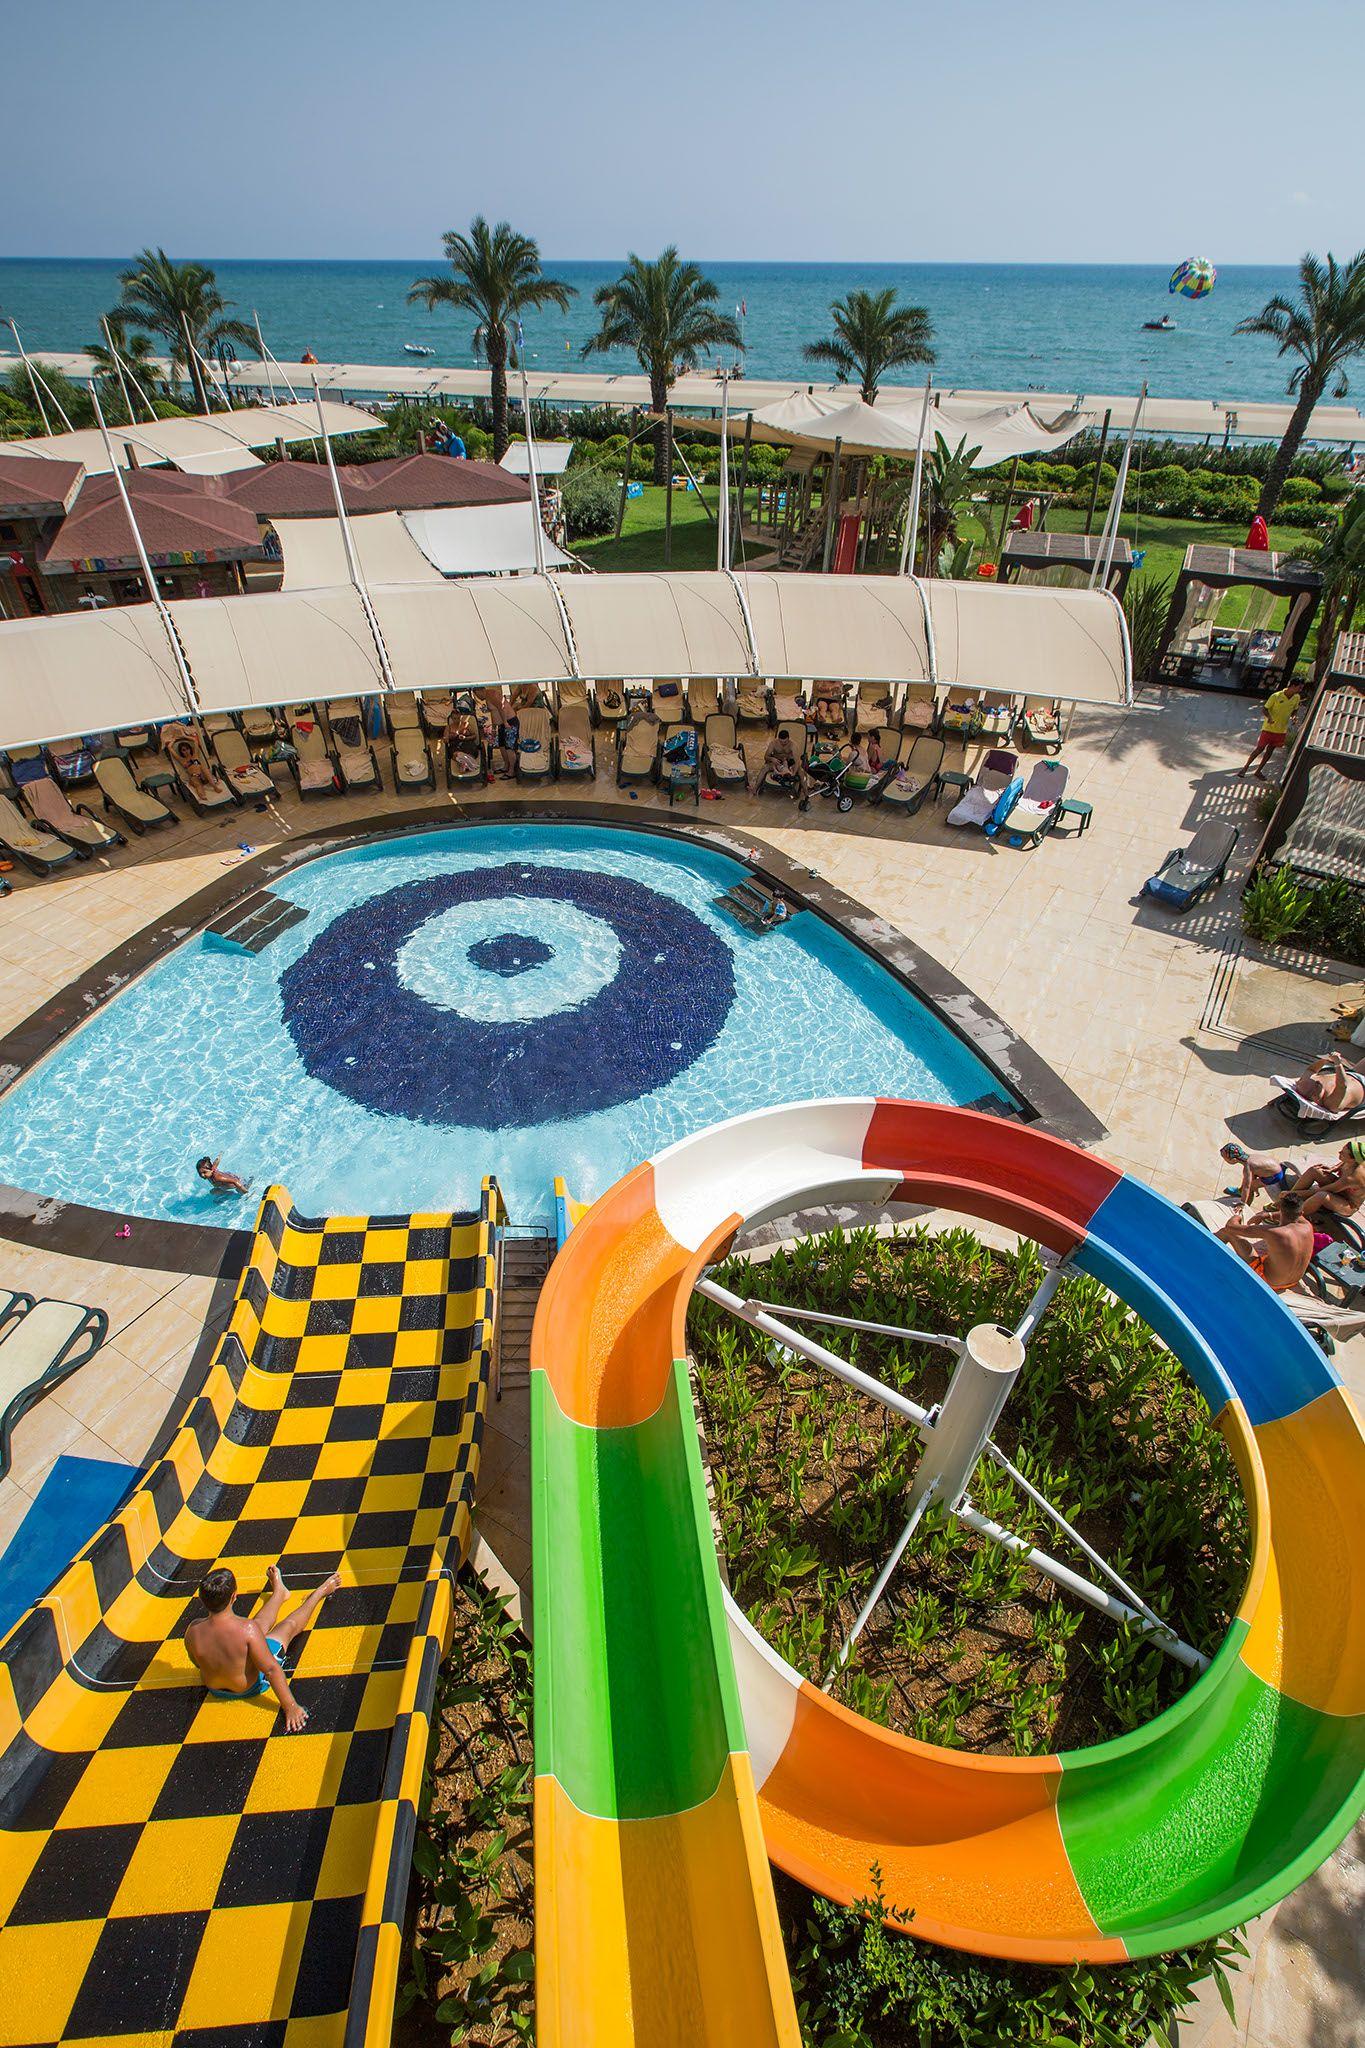 Crystal Family Resort Spa Beautifulhotels Aqupark Waterslide Pool Hotel